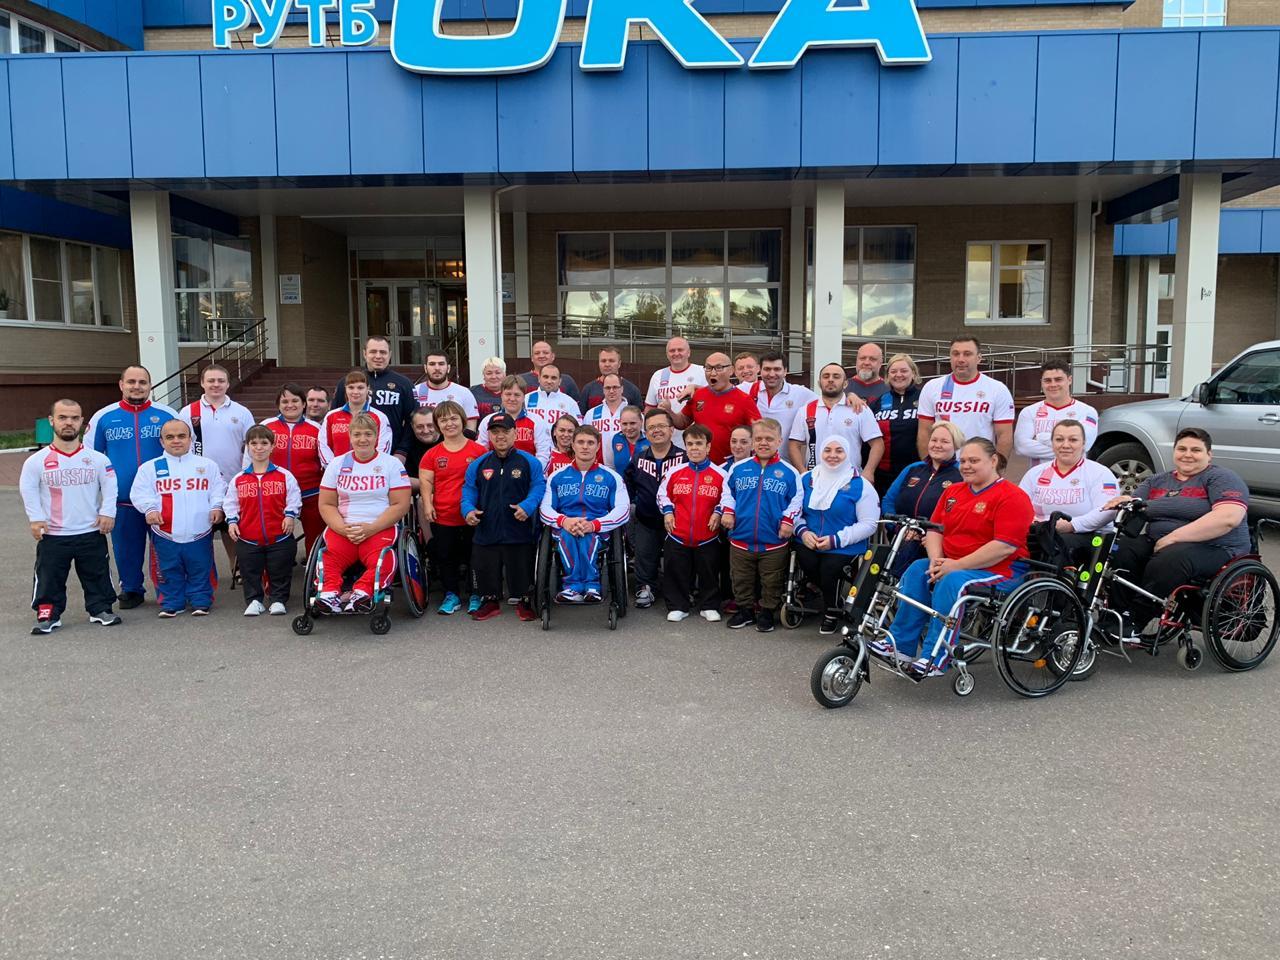 Сборная команда России по пауэрлифтингу спорта лиц с ПОДА прибыла в Казахстан для участия в чемпионате мира